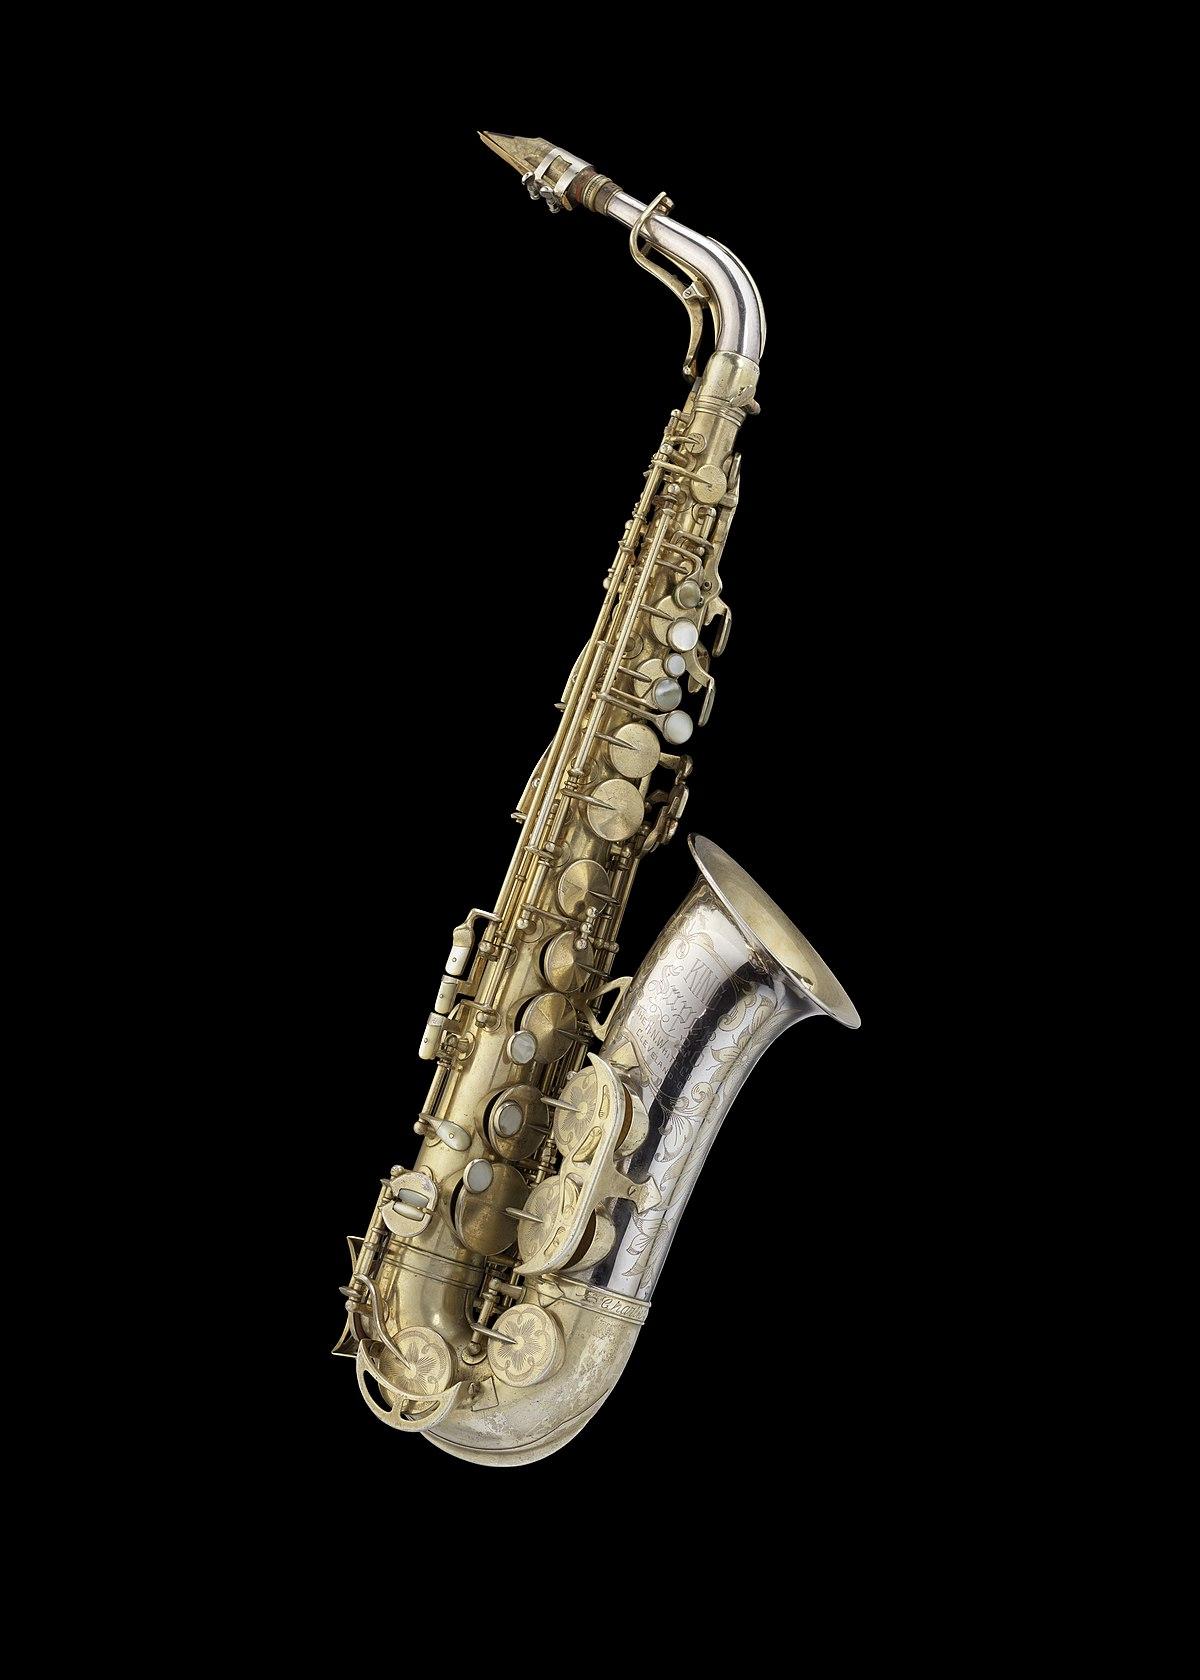 Саксофон - это... описание, история, фото